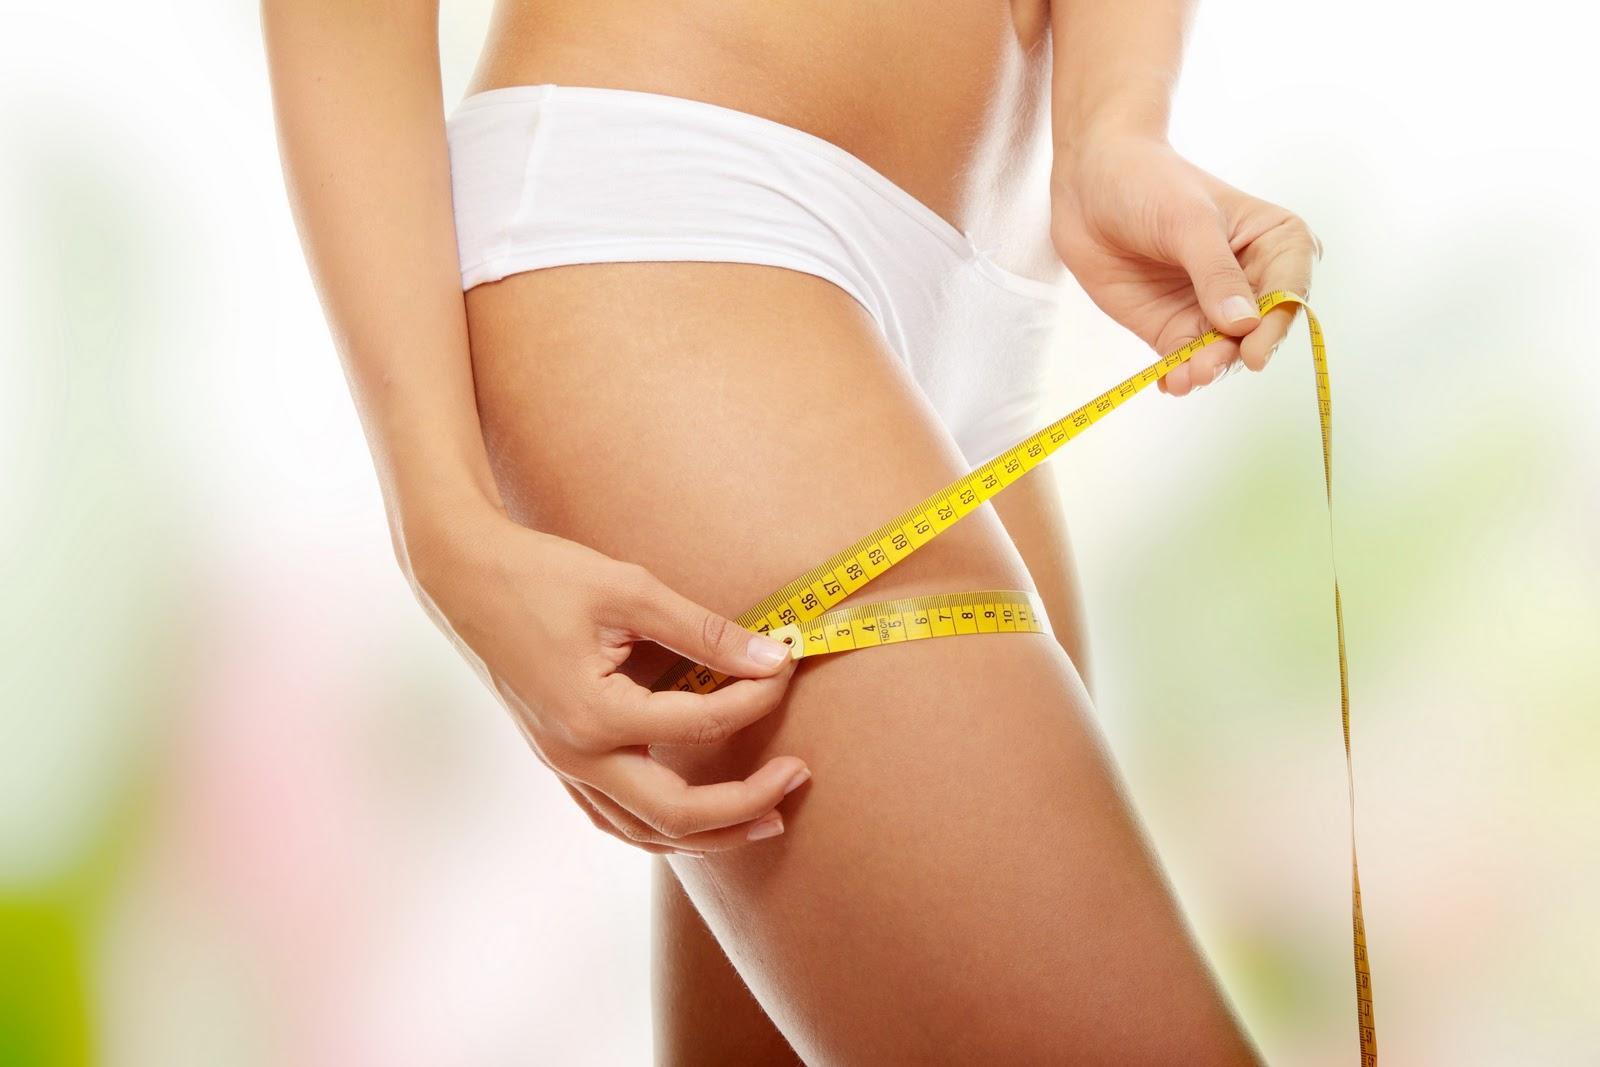 Серьга в ухе от похудения